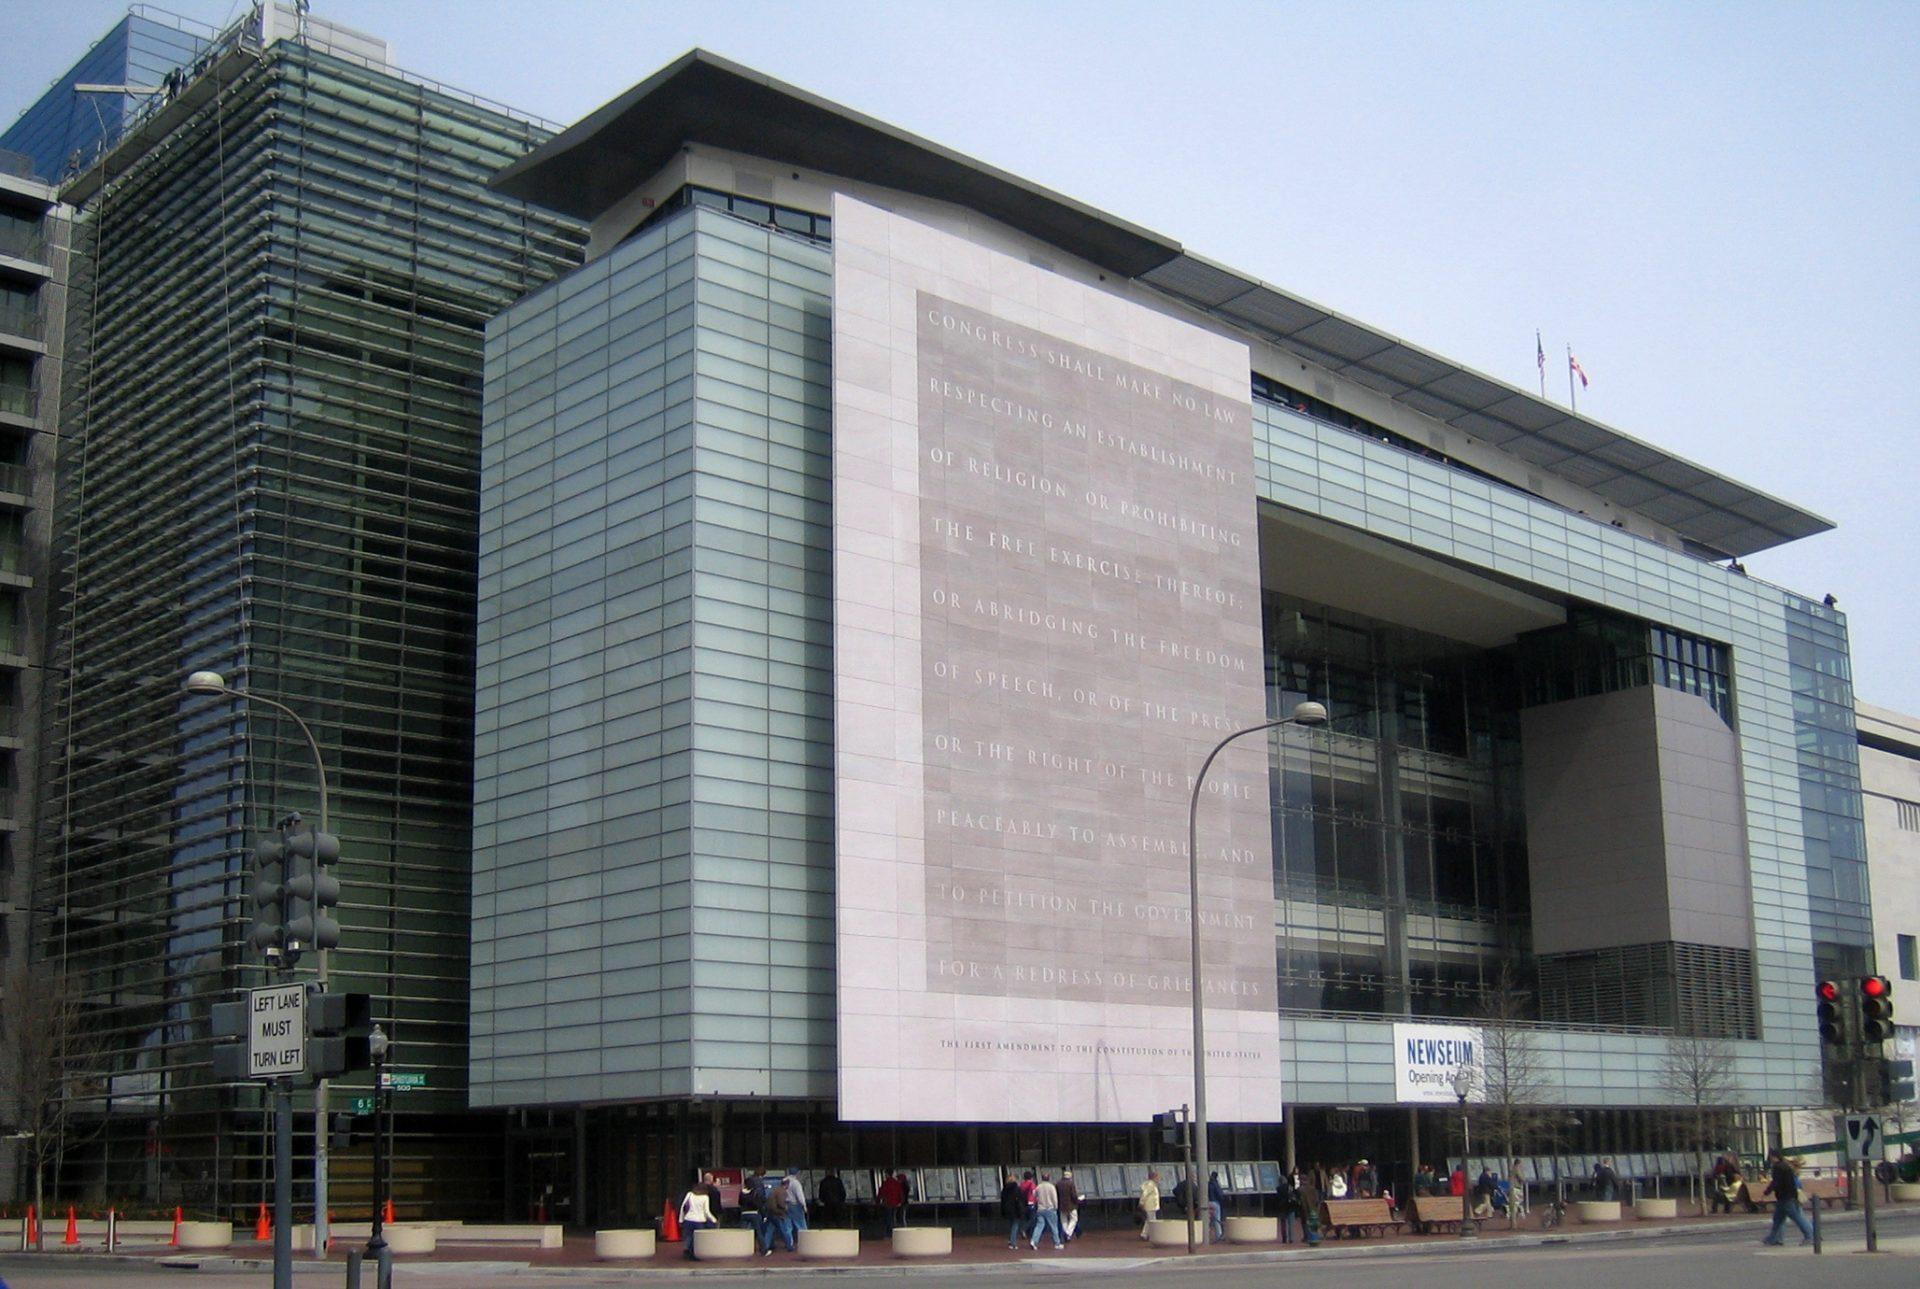 【博物之島新訊】小心博物館的轉型陷阱!華府新聞博物館的前車之鑑